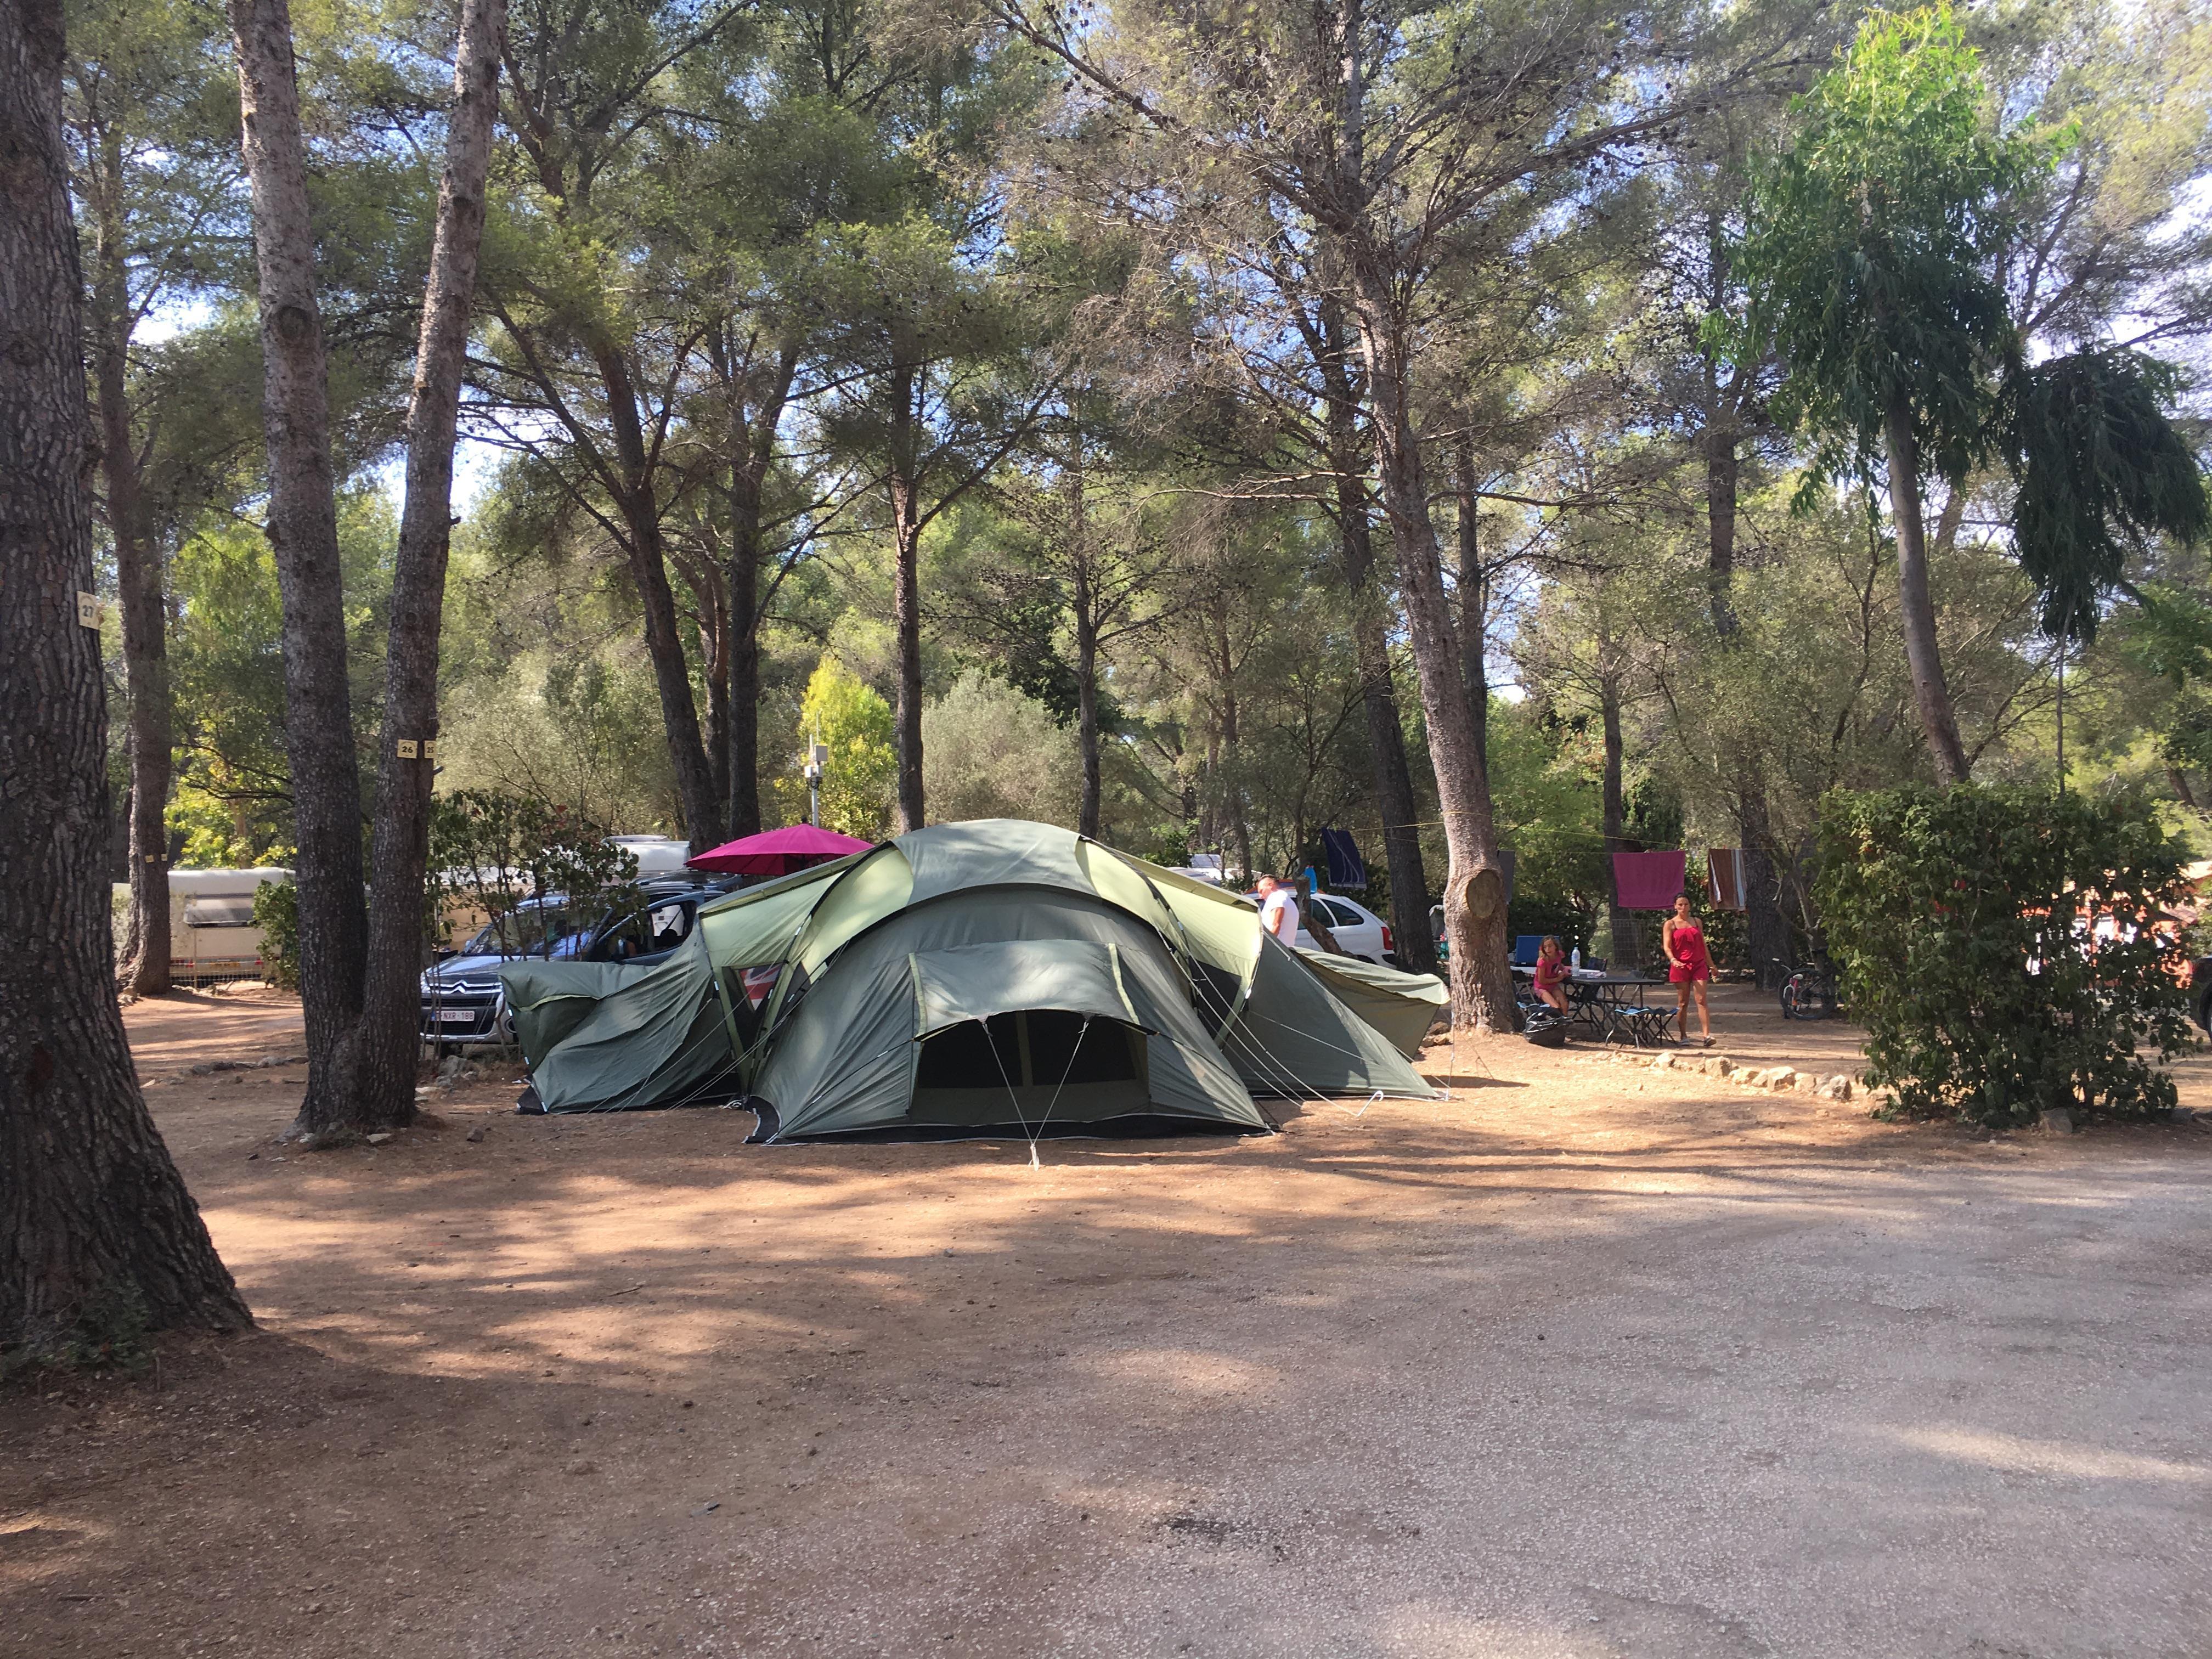 Emplacement - Forfait Confort : Emplacement   1 Voiture   Tente, Caravane Ou Camping-Car   Électricité (10A) - Camping Le Beau Vezé